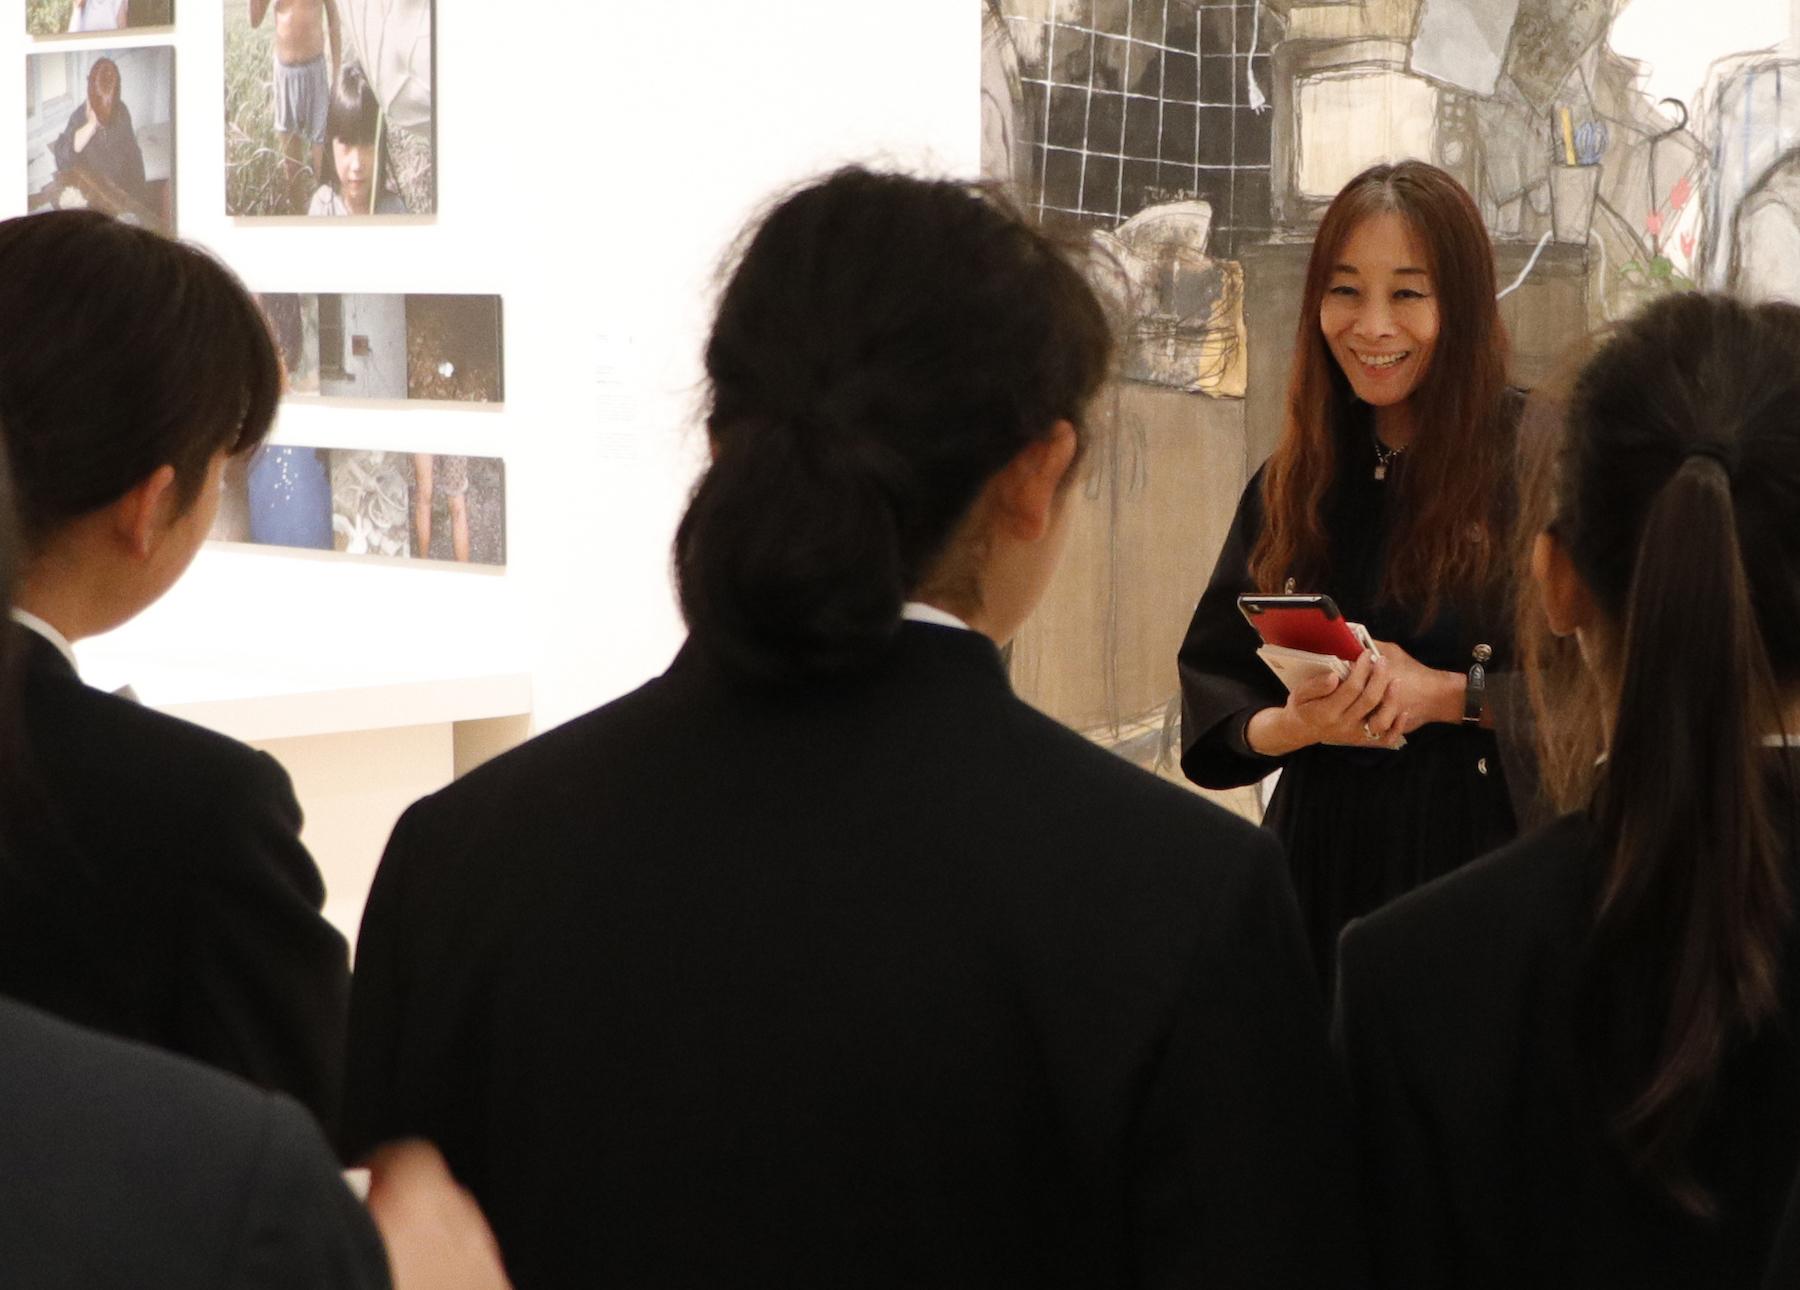 vol.3レクチャー「 Art educationの未来 -美術と社会をつなぐには-」2019.6.29開催